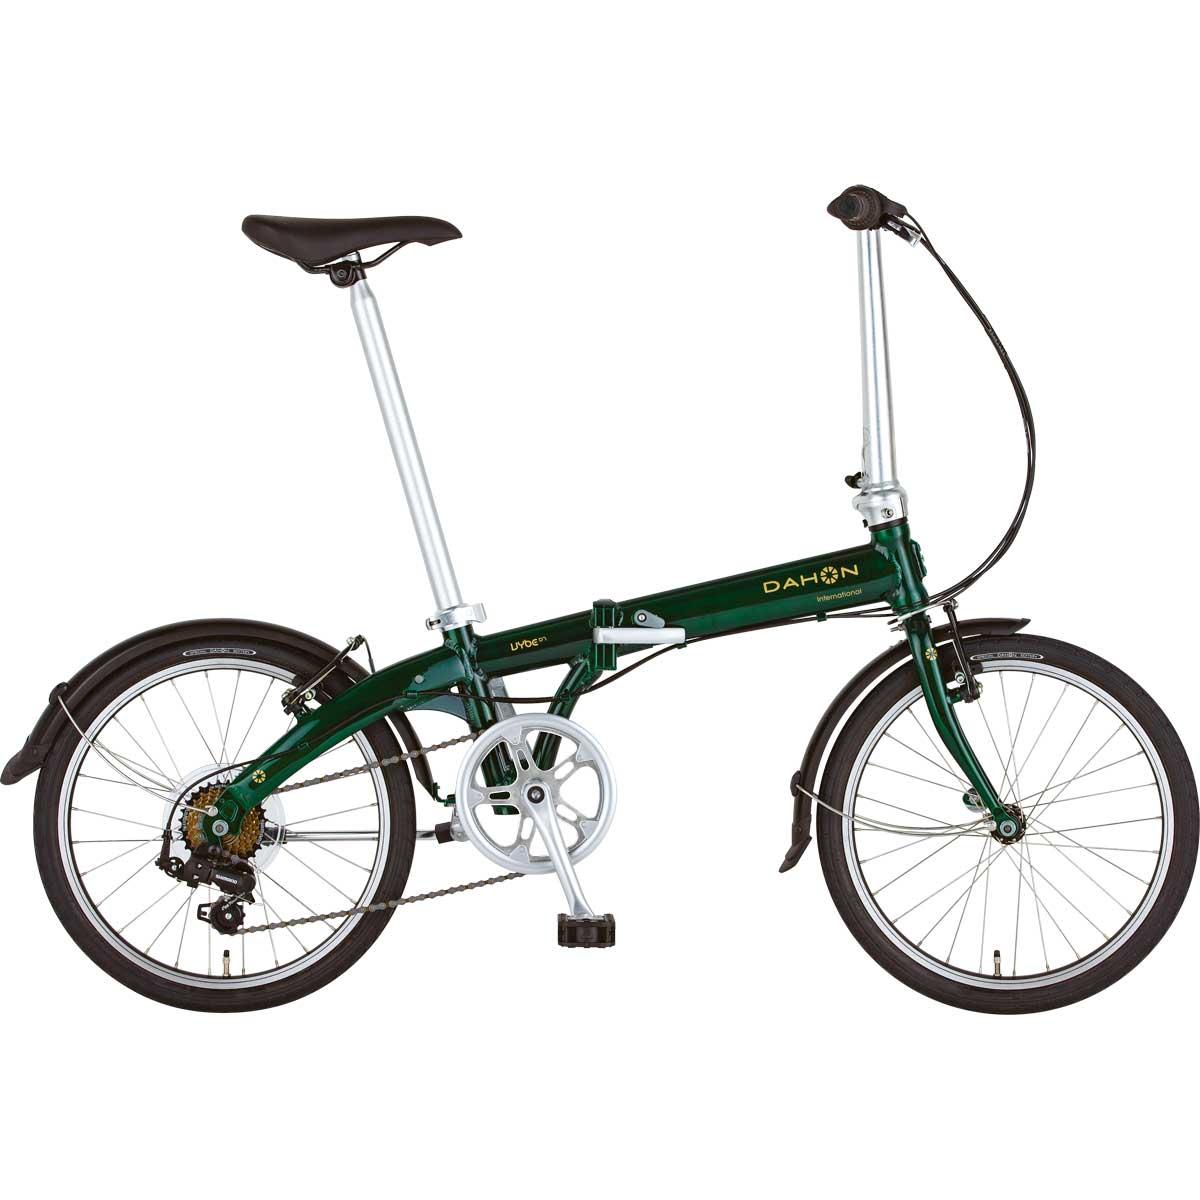 DAHON/ダホン Vybe D7 ヴァイブ D7 ブリティッシュグリーン(9035) 折りたたみ自転車 自転車本体